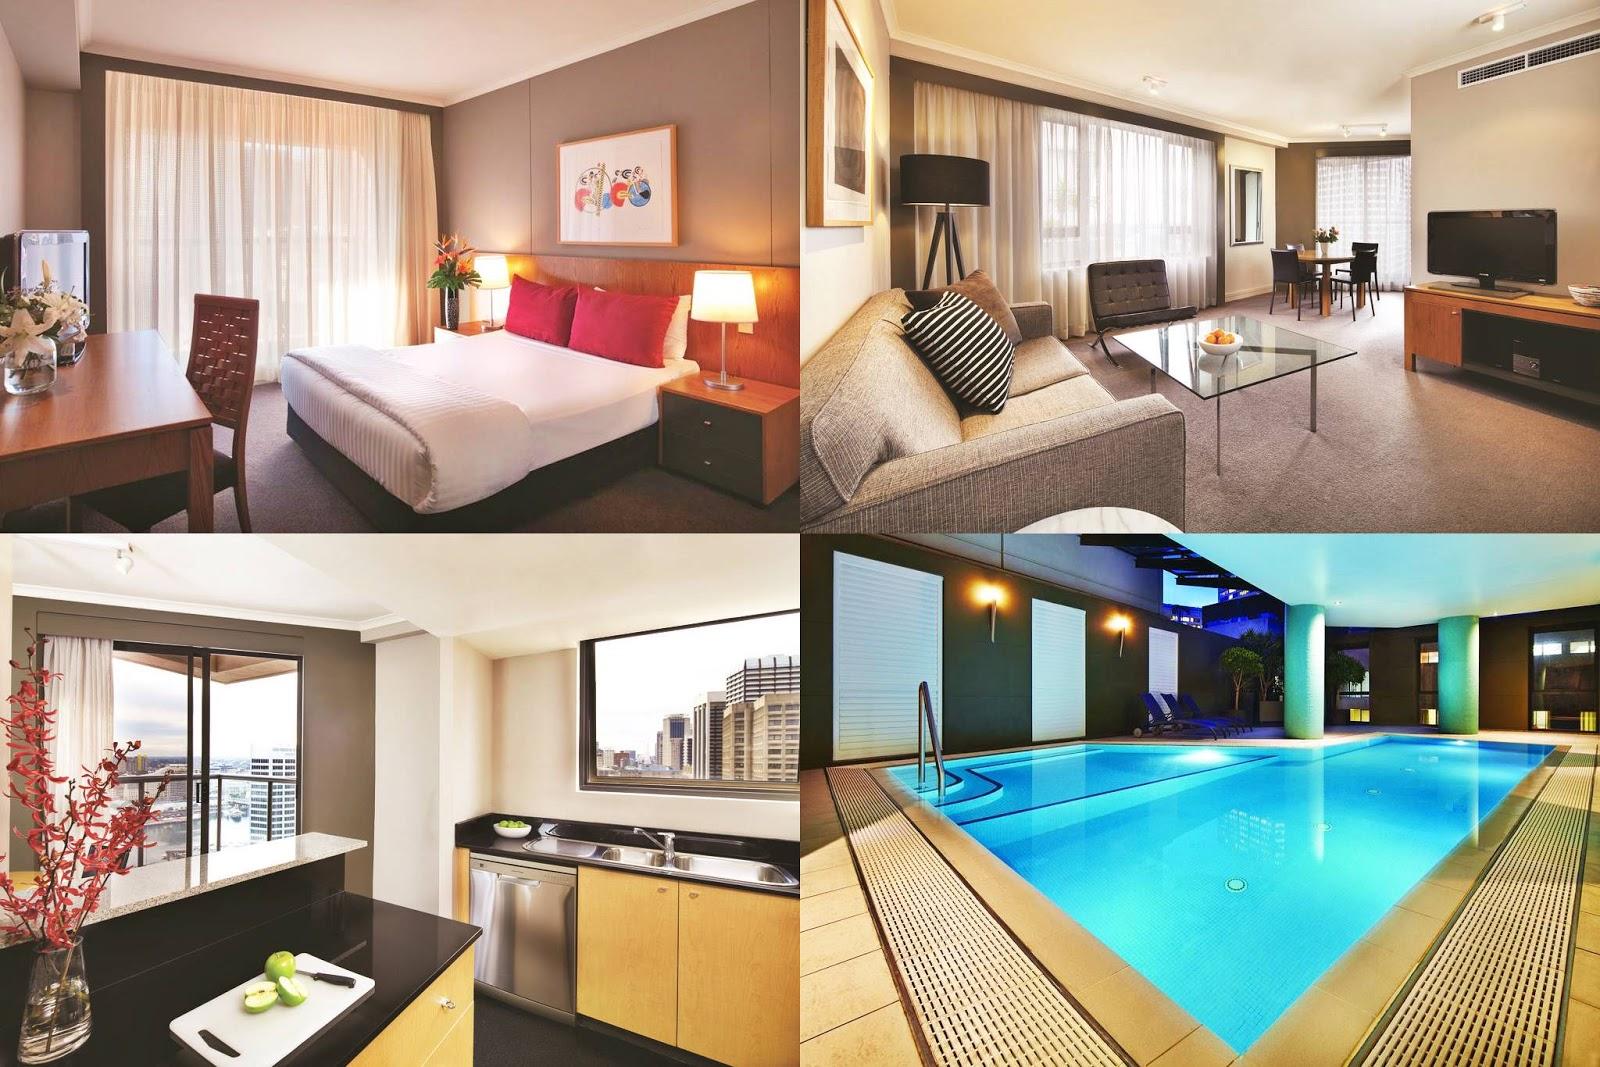 雪梨-住宿-推薦-悉尼阿迪納公寓酒店-Adina-飯店-旅館-酒店-公寓-民宿-澳洲-Sydney-Hotel-Apartment-Travel-Australia